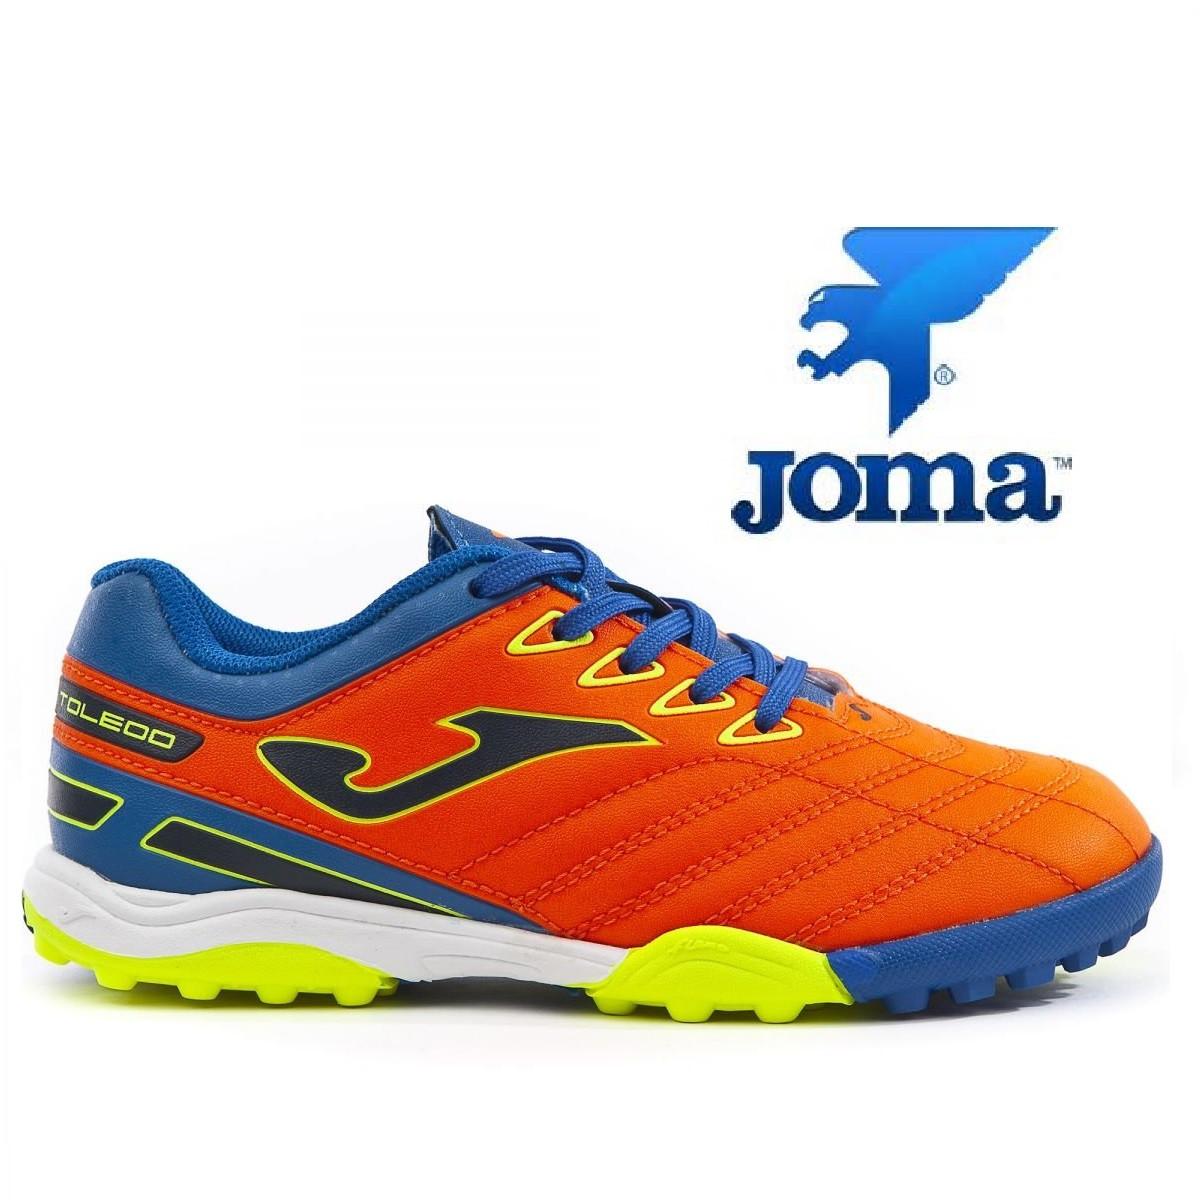 Детская футбольная обувь (многошиповки) Joma Toledo 808 PT Junior